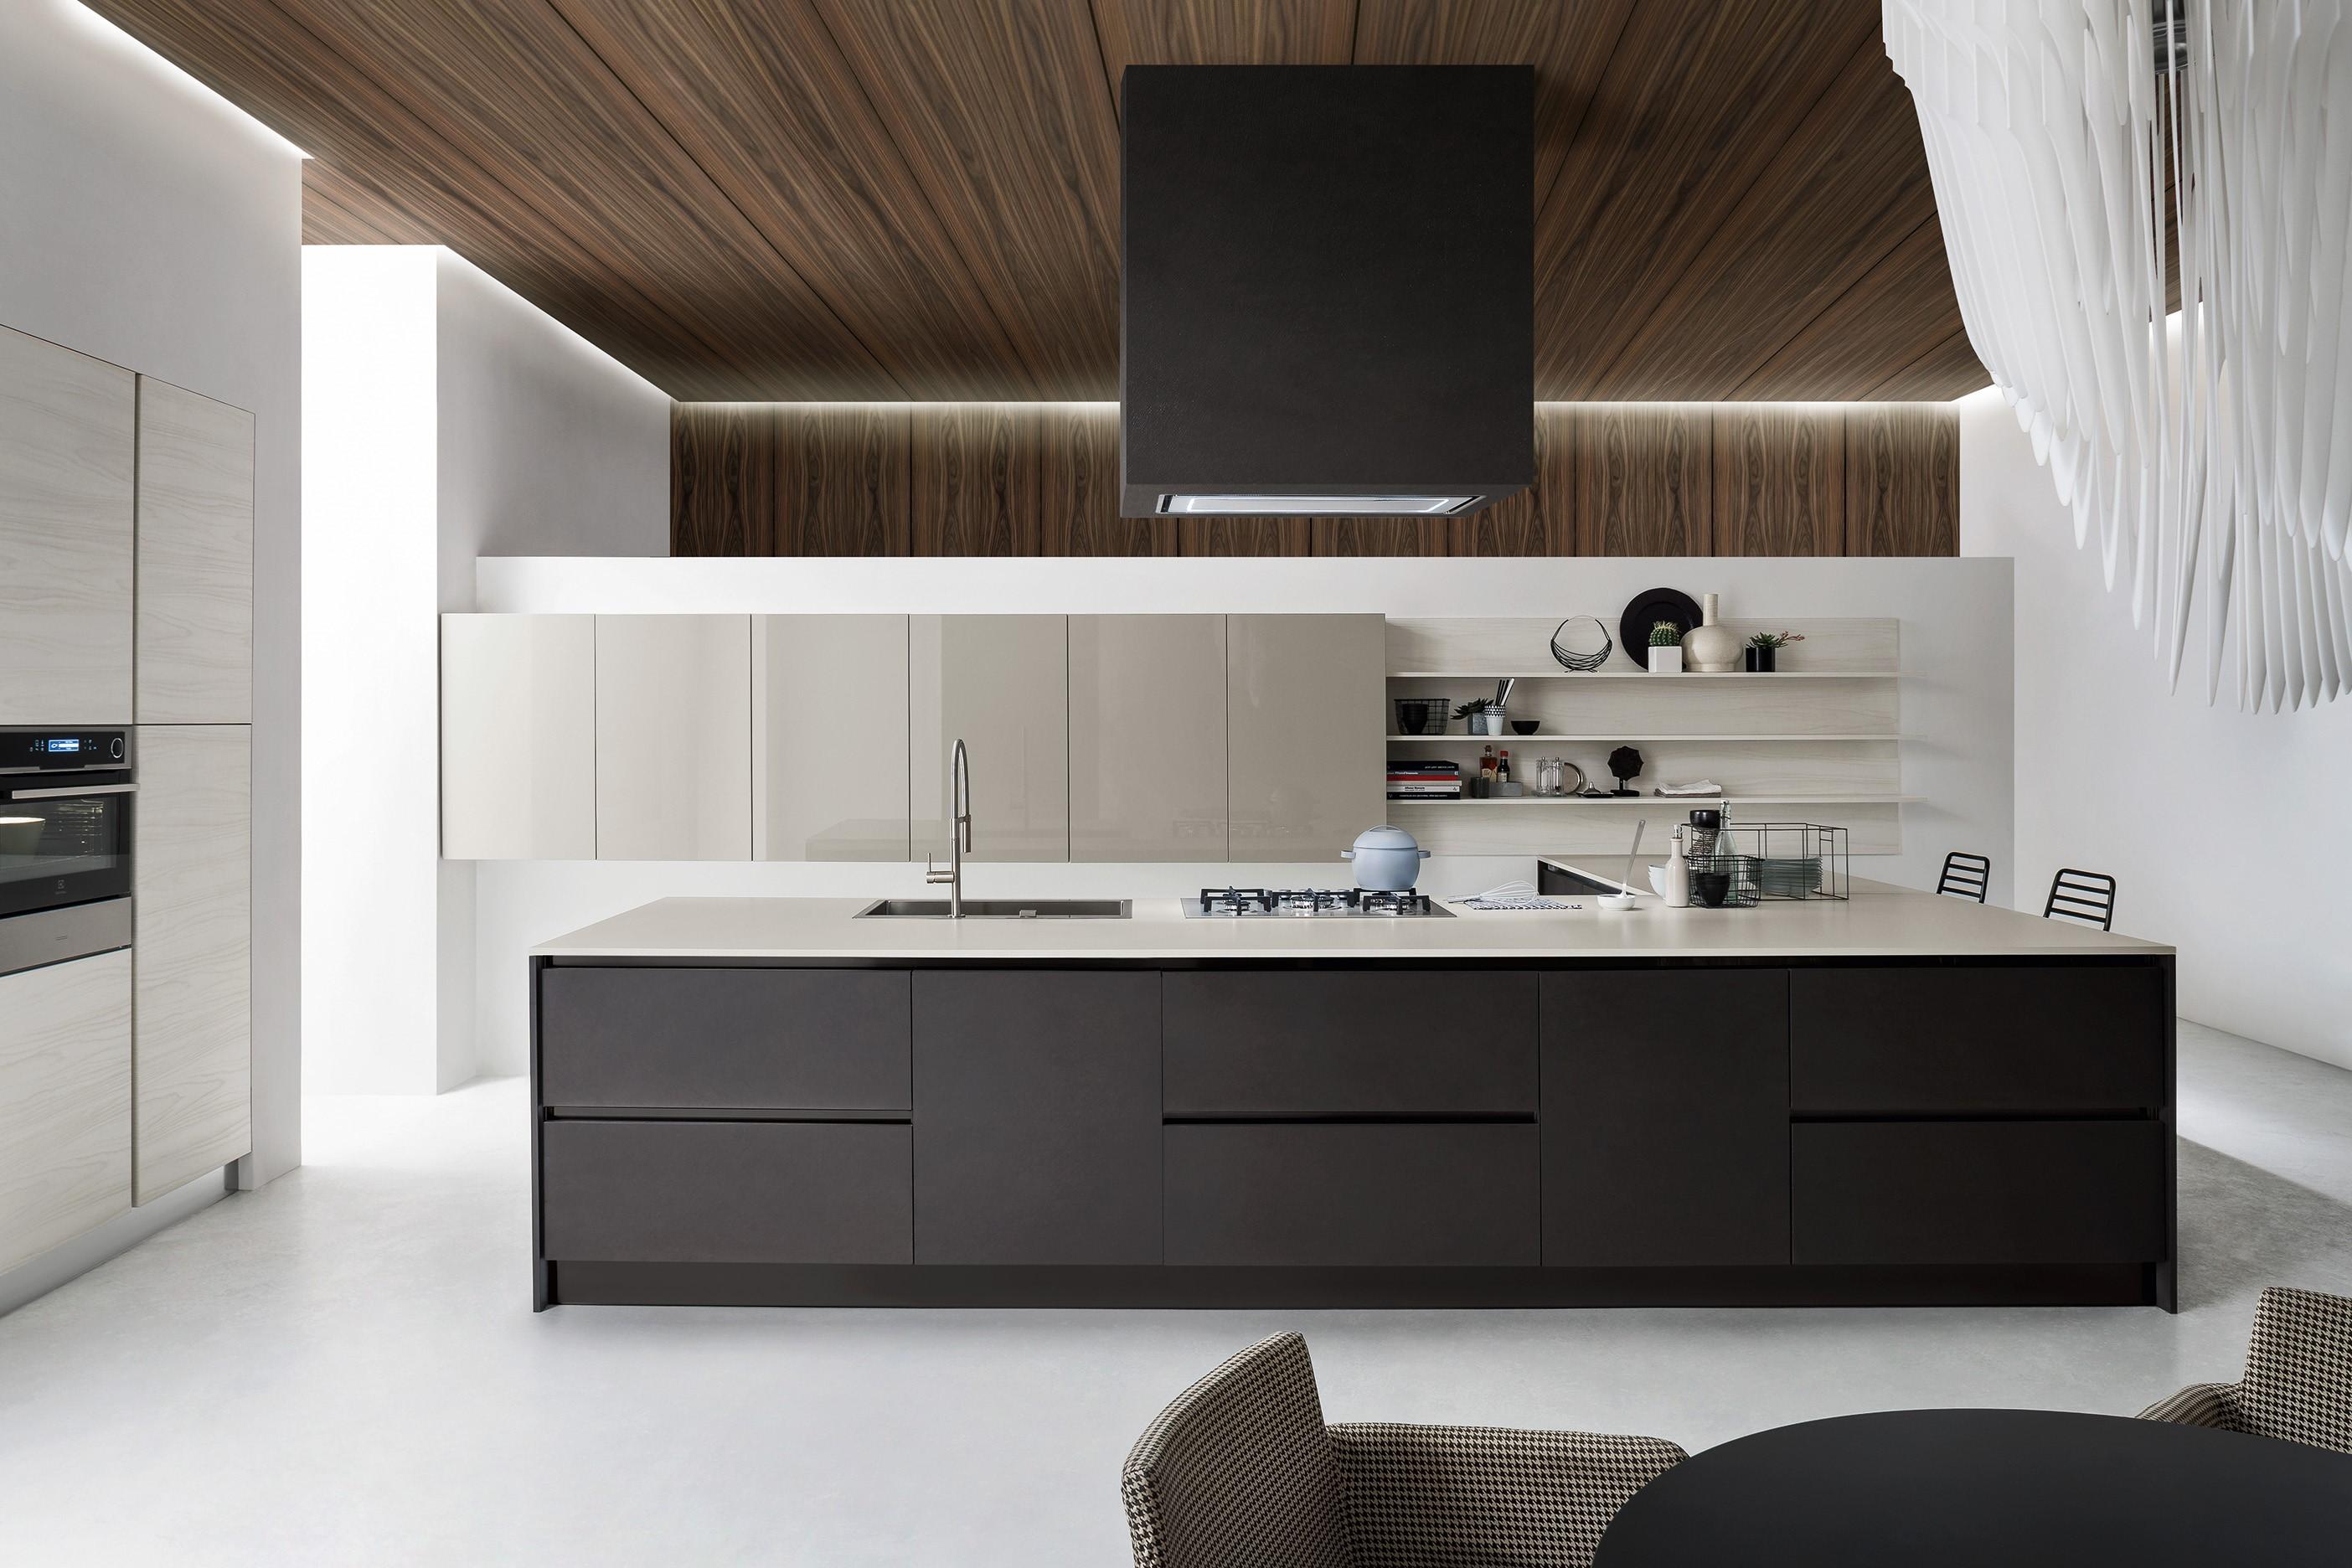 Cucine di design: la qualità e la tecnologia delle proposte ...